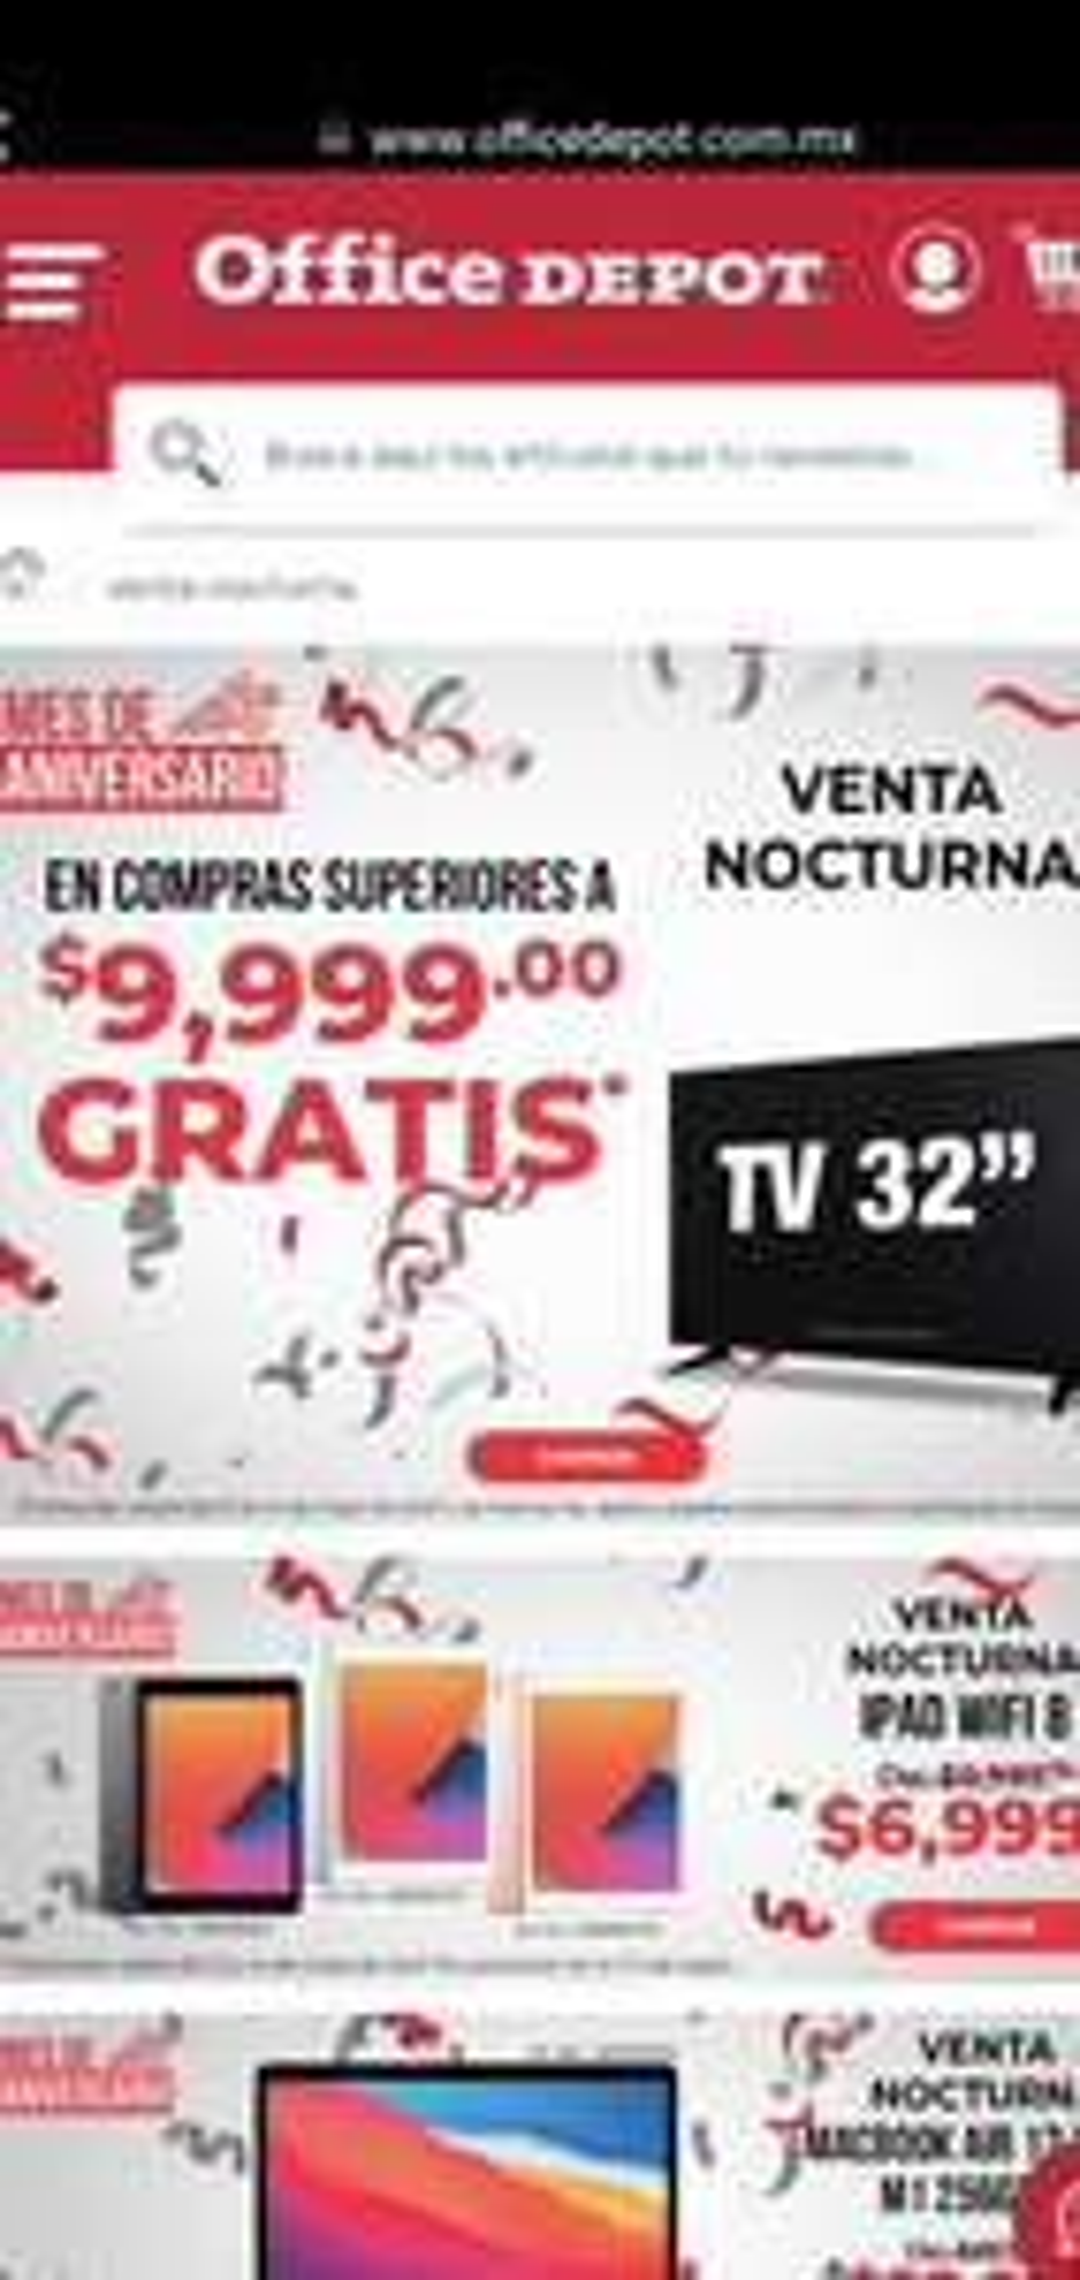 Office Depot: Venta nocturna, Pantalla Gratis En Compras Superiores a $ 9,999 (13 y 14 de Mayo)